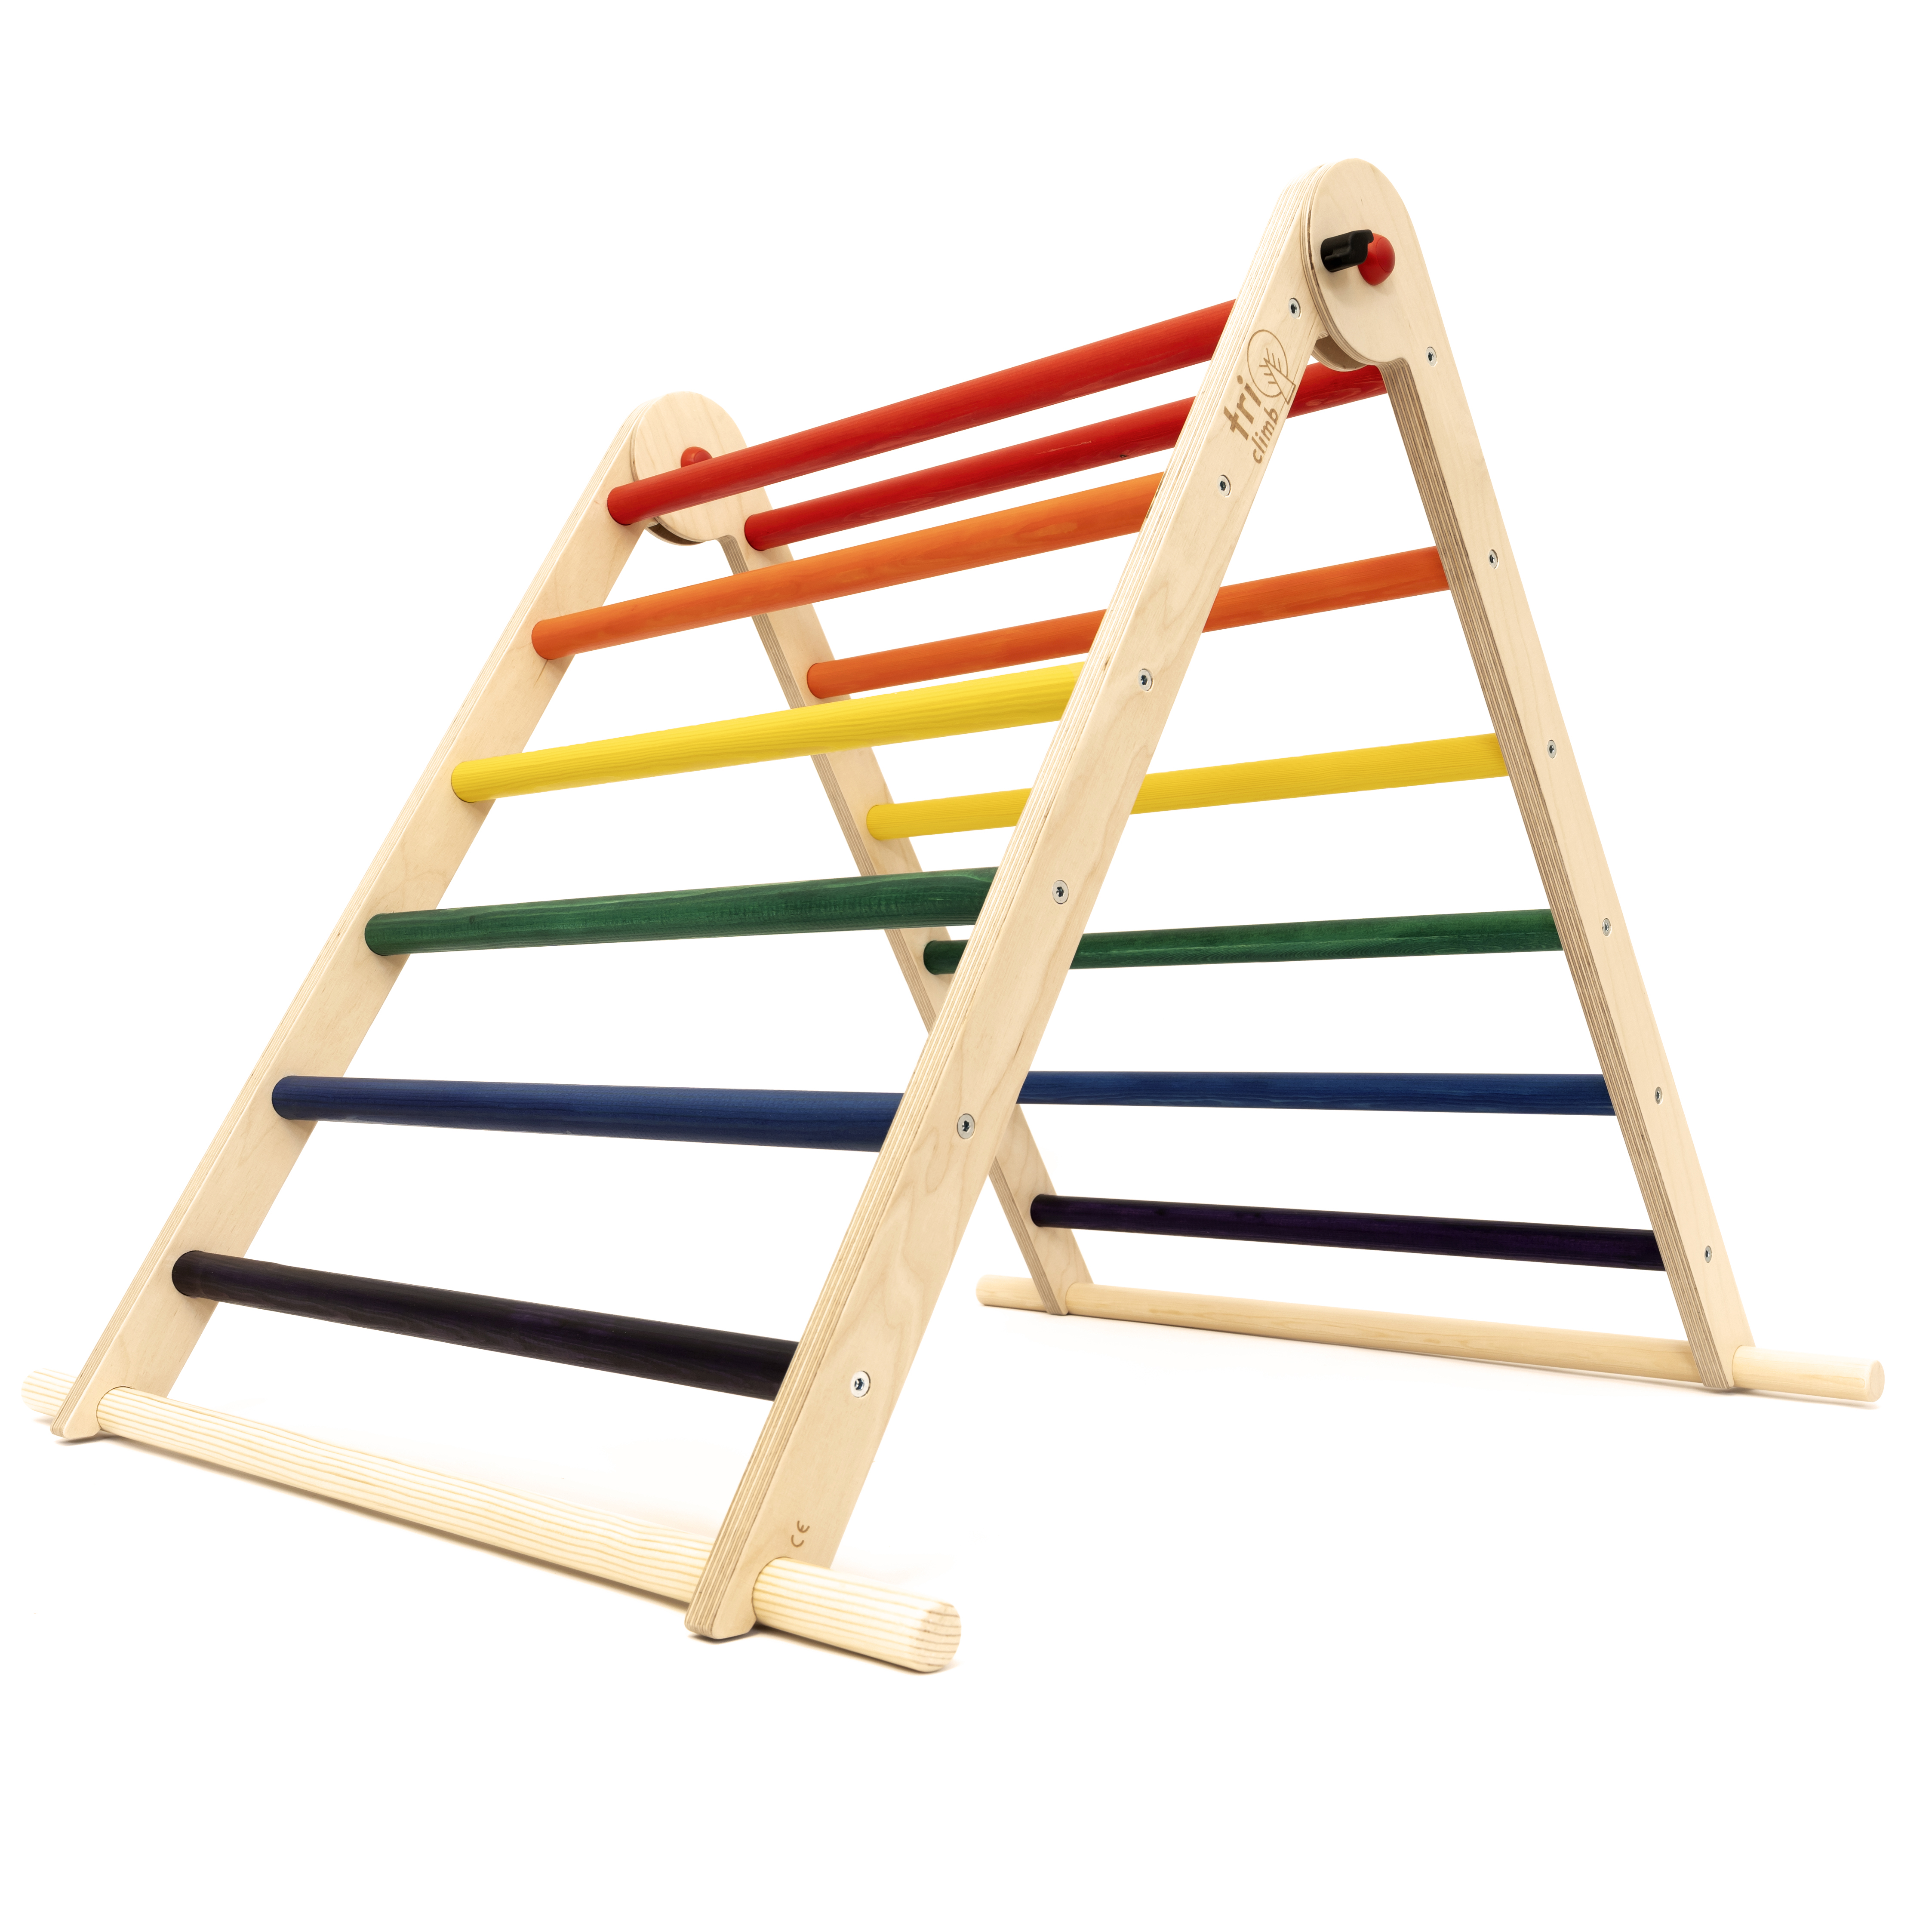 Triclimb - Double Rainbow